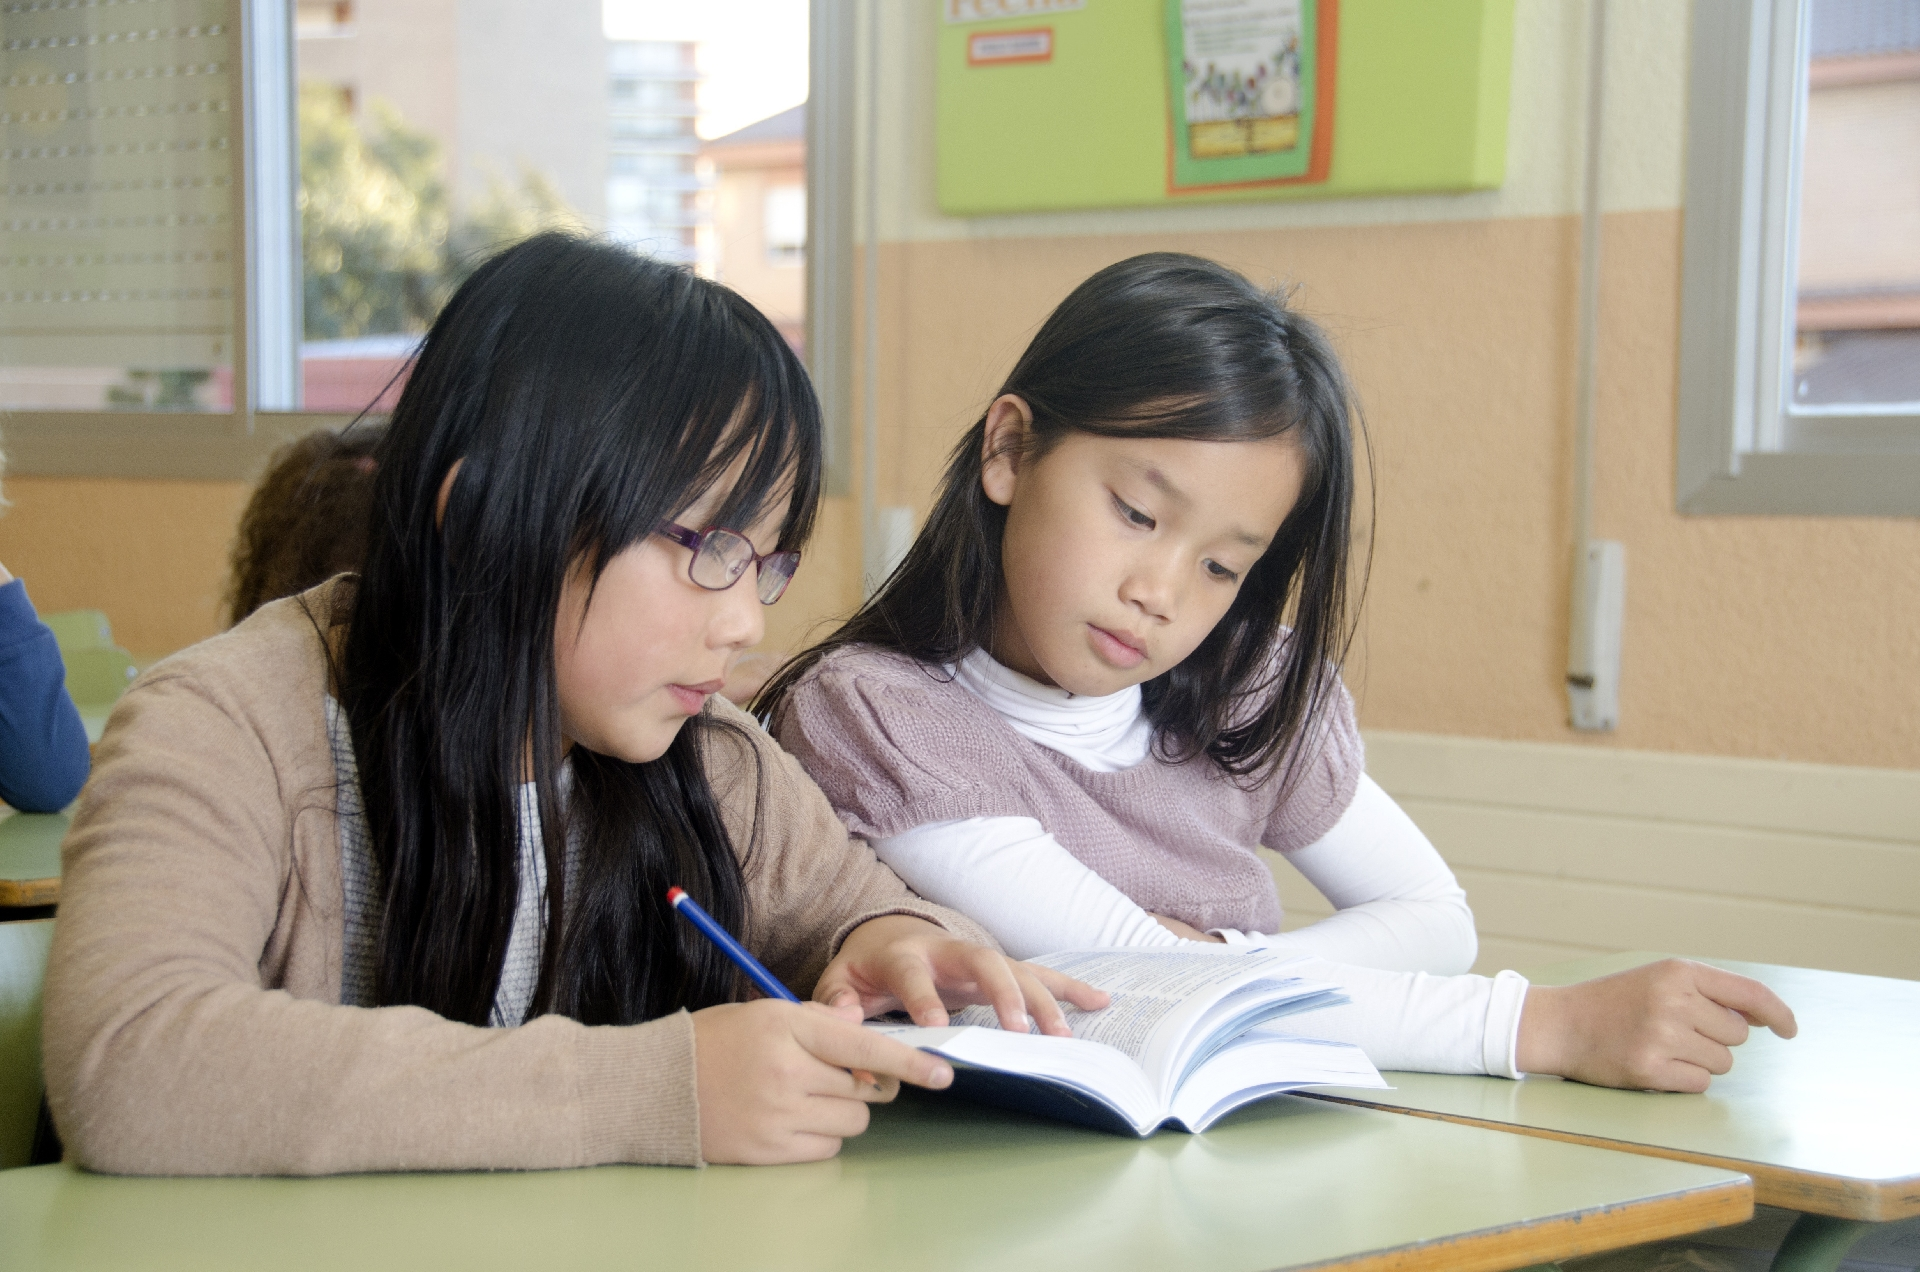 目指しているのは、再登校か?オルタナティブ教育か?-日本のフリースクール・フリースペースの現状と課題